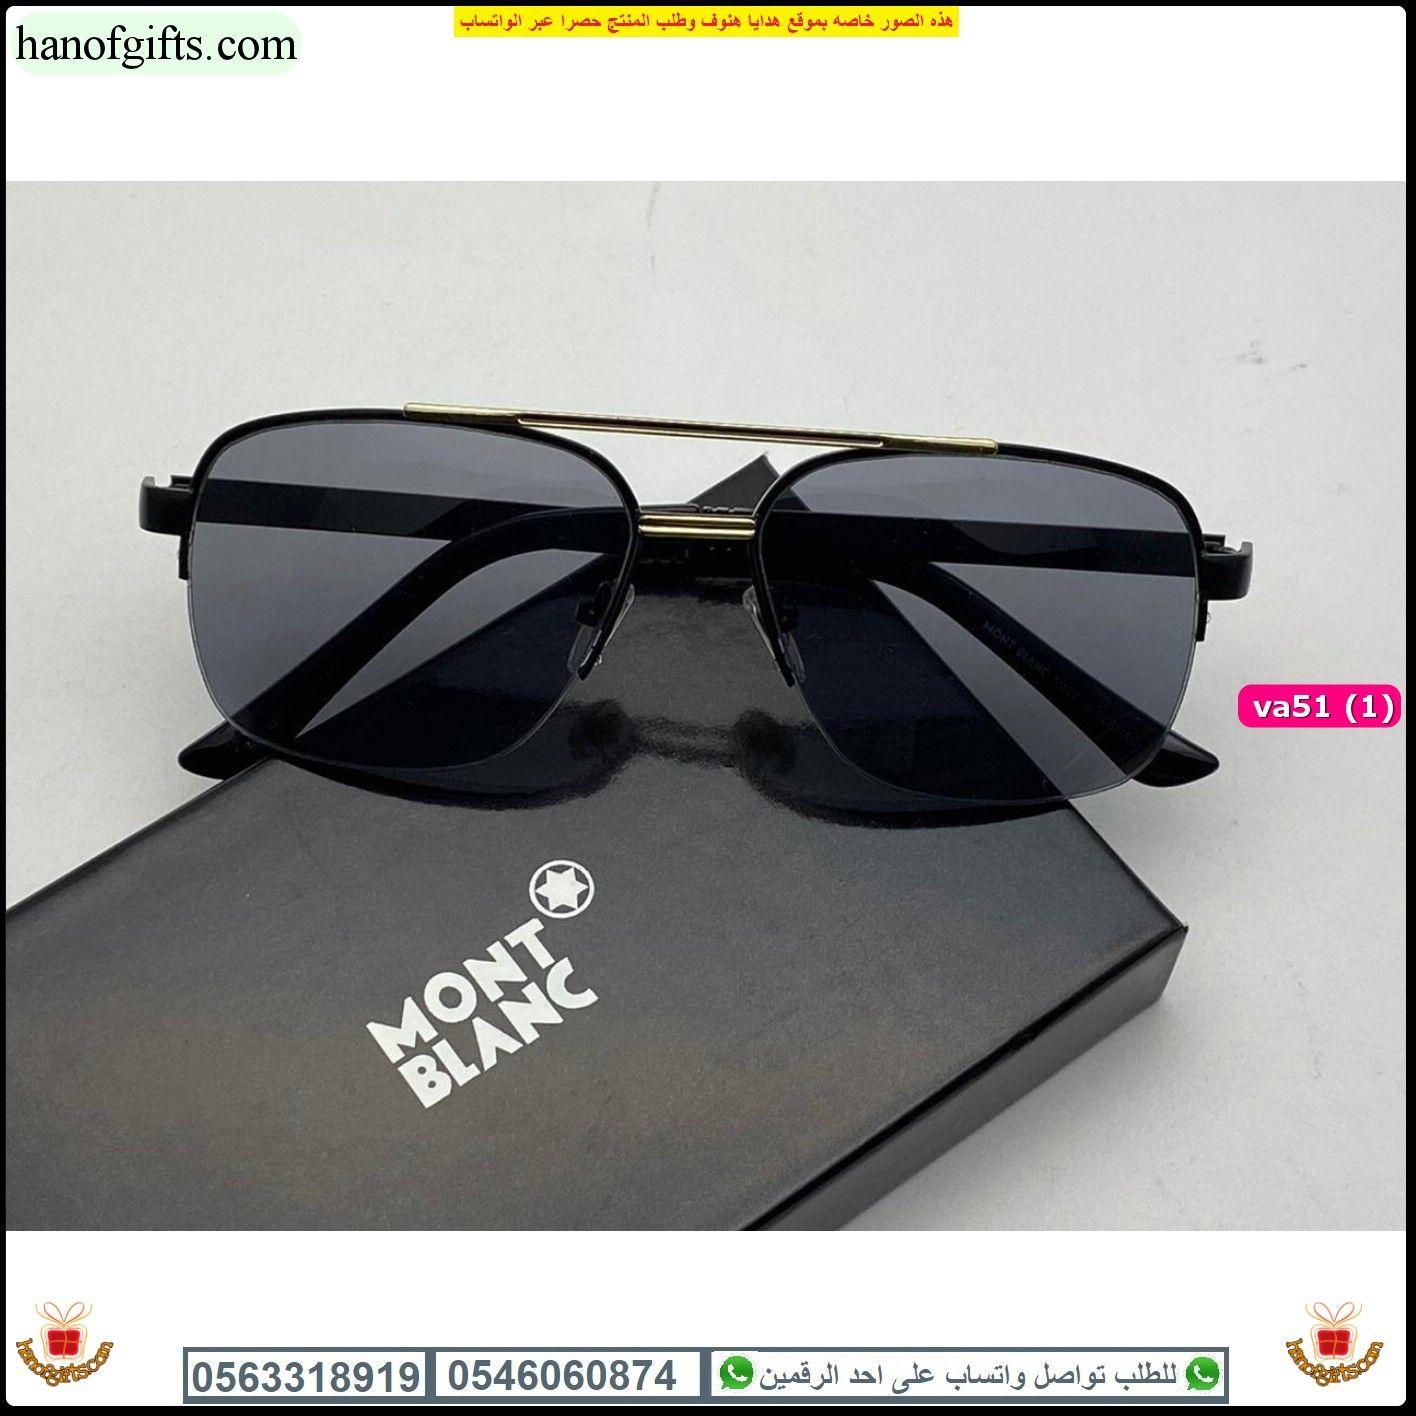 نظارات مونت بلانك رجاليه Mont Blanc مع جميع ملحقاتها و بنفس اسم الماركه هدايا هنوف Square Sunglass Sunglasses Glasses